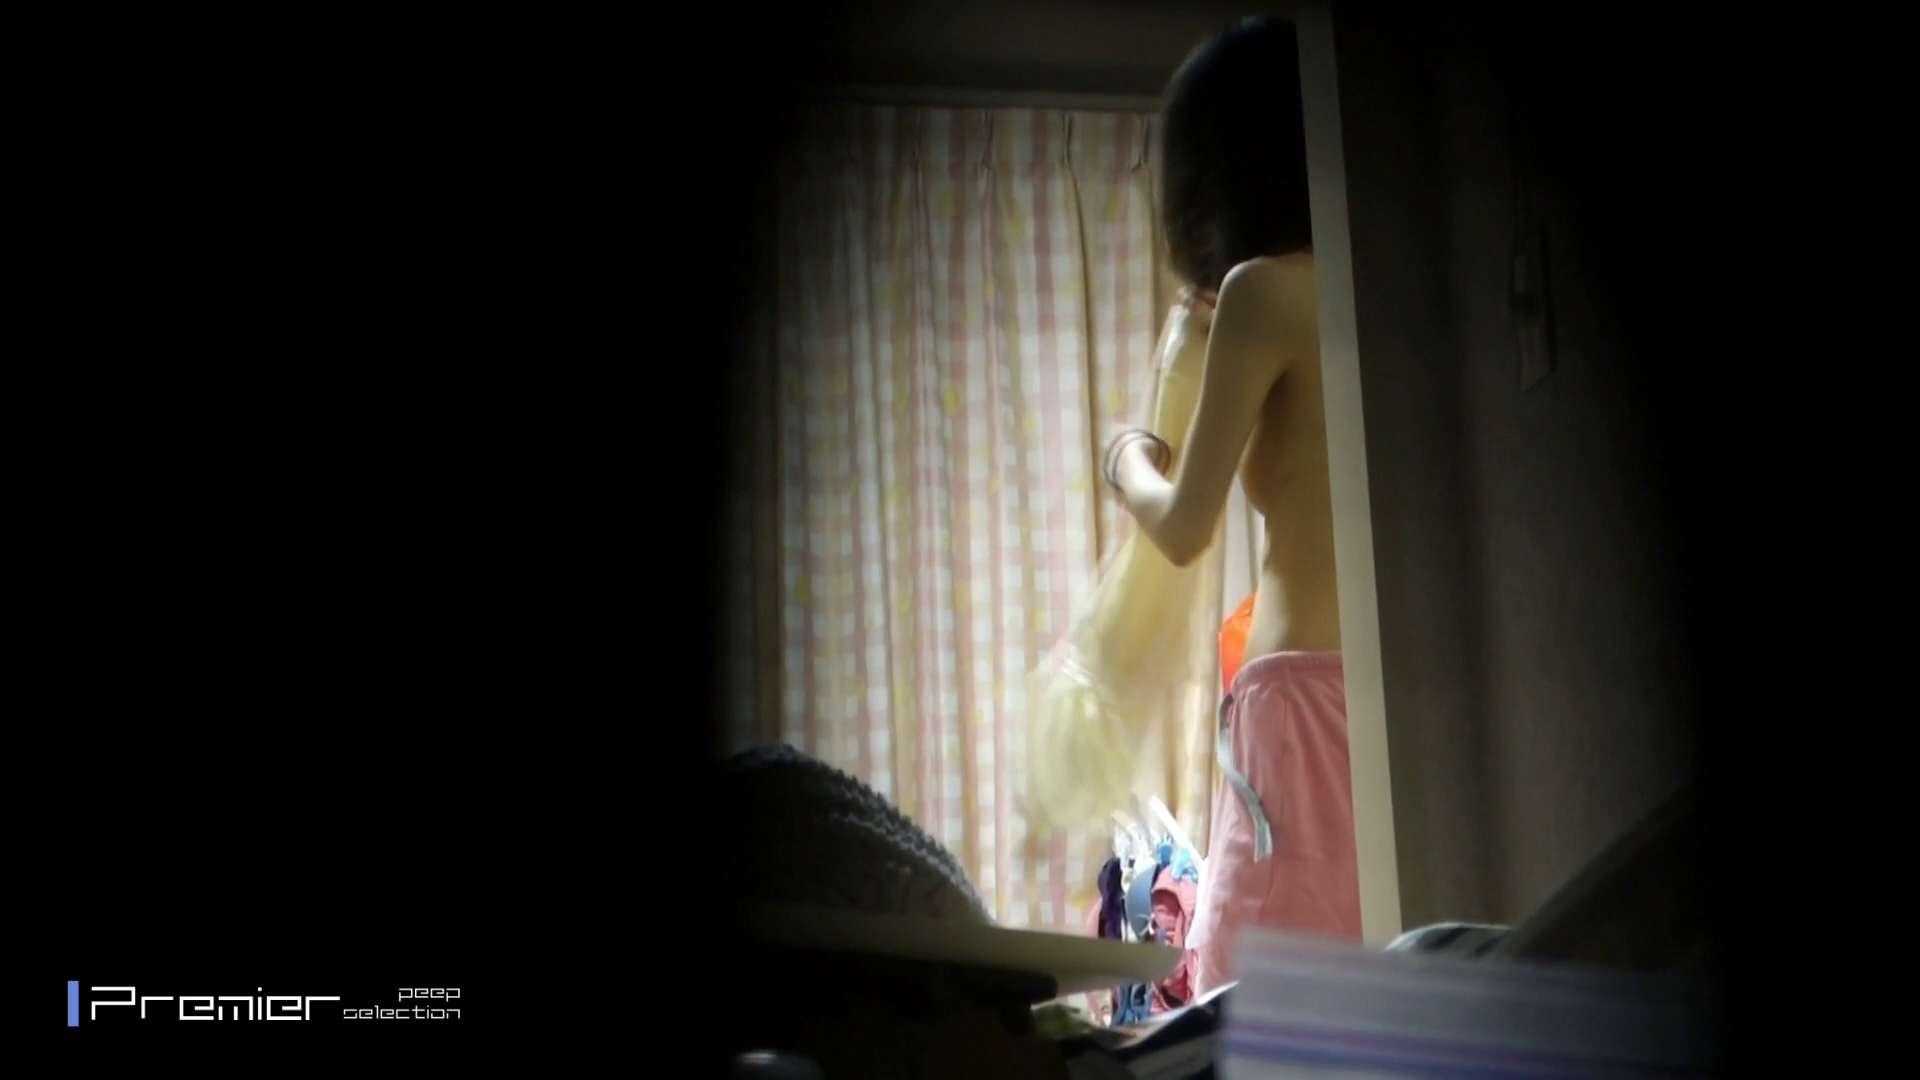 美しい女性のおっぱい隠し撮り 美女達の私生活に潜入! おっぱい おまんこ動画流出 48PIX 31